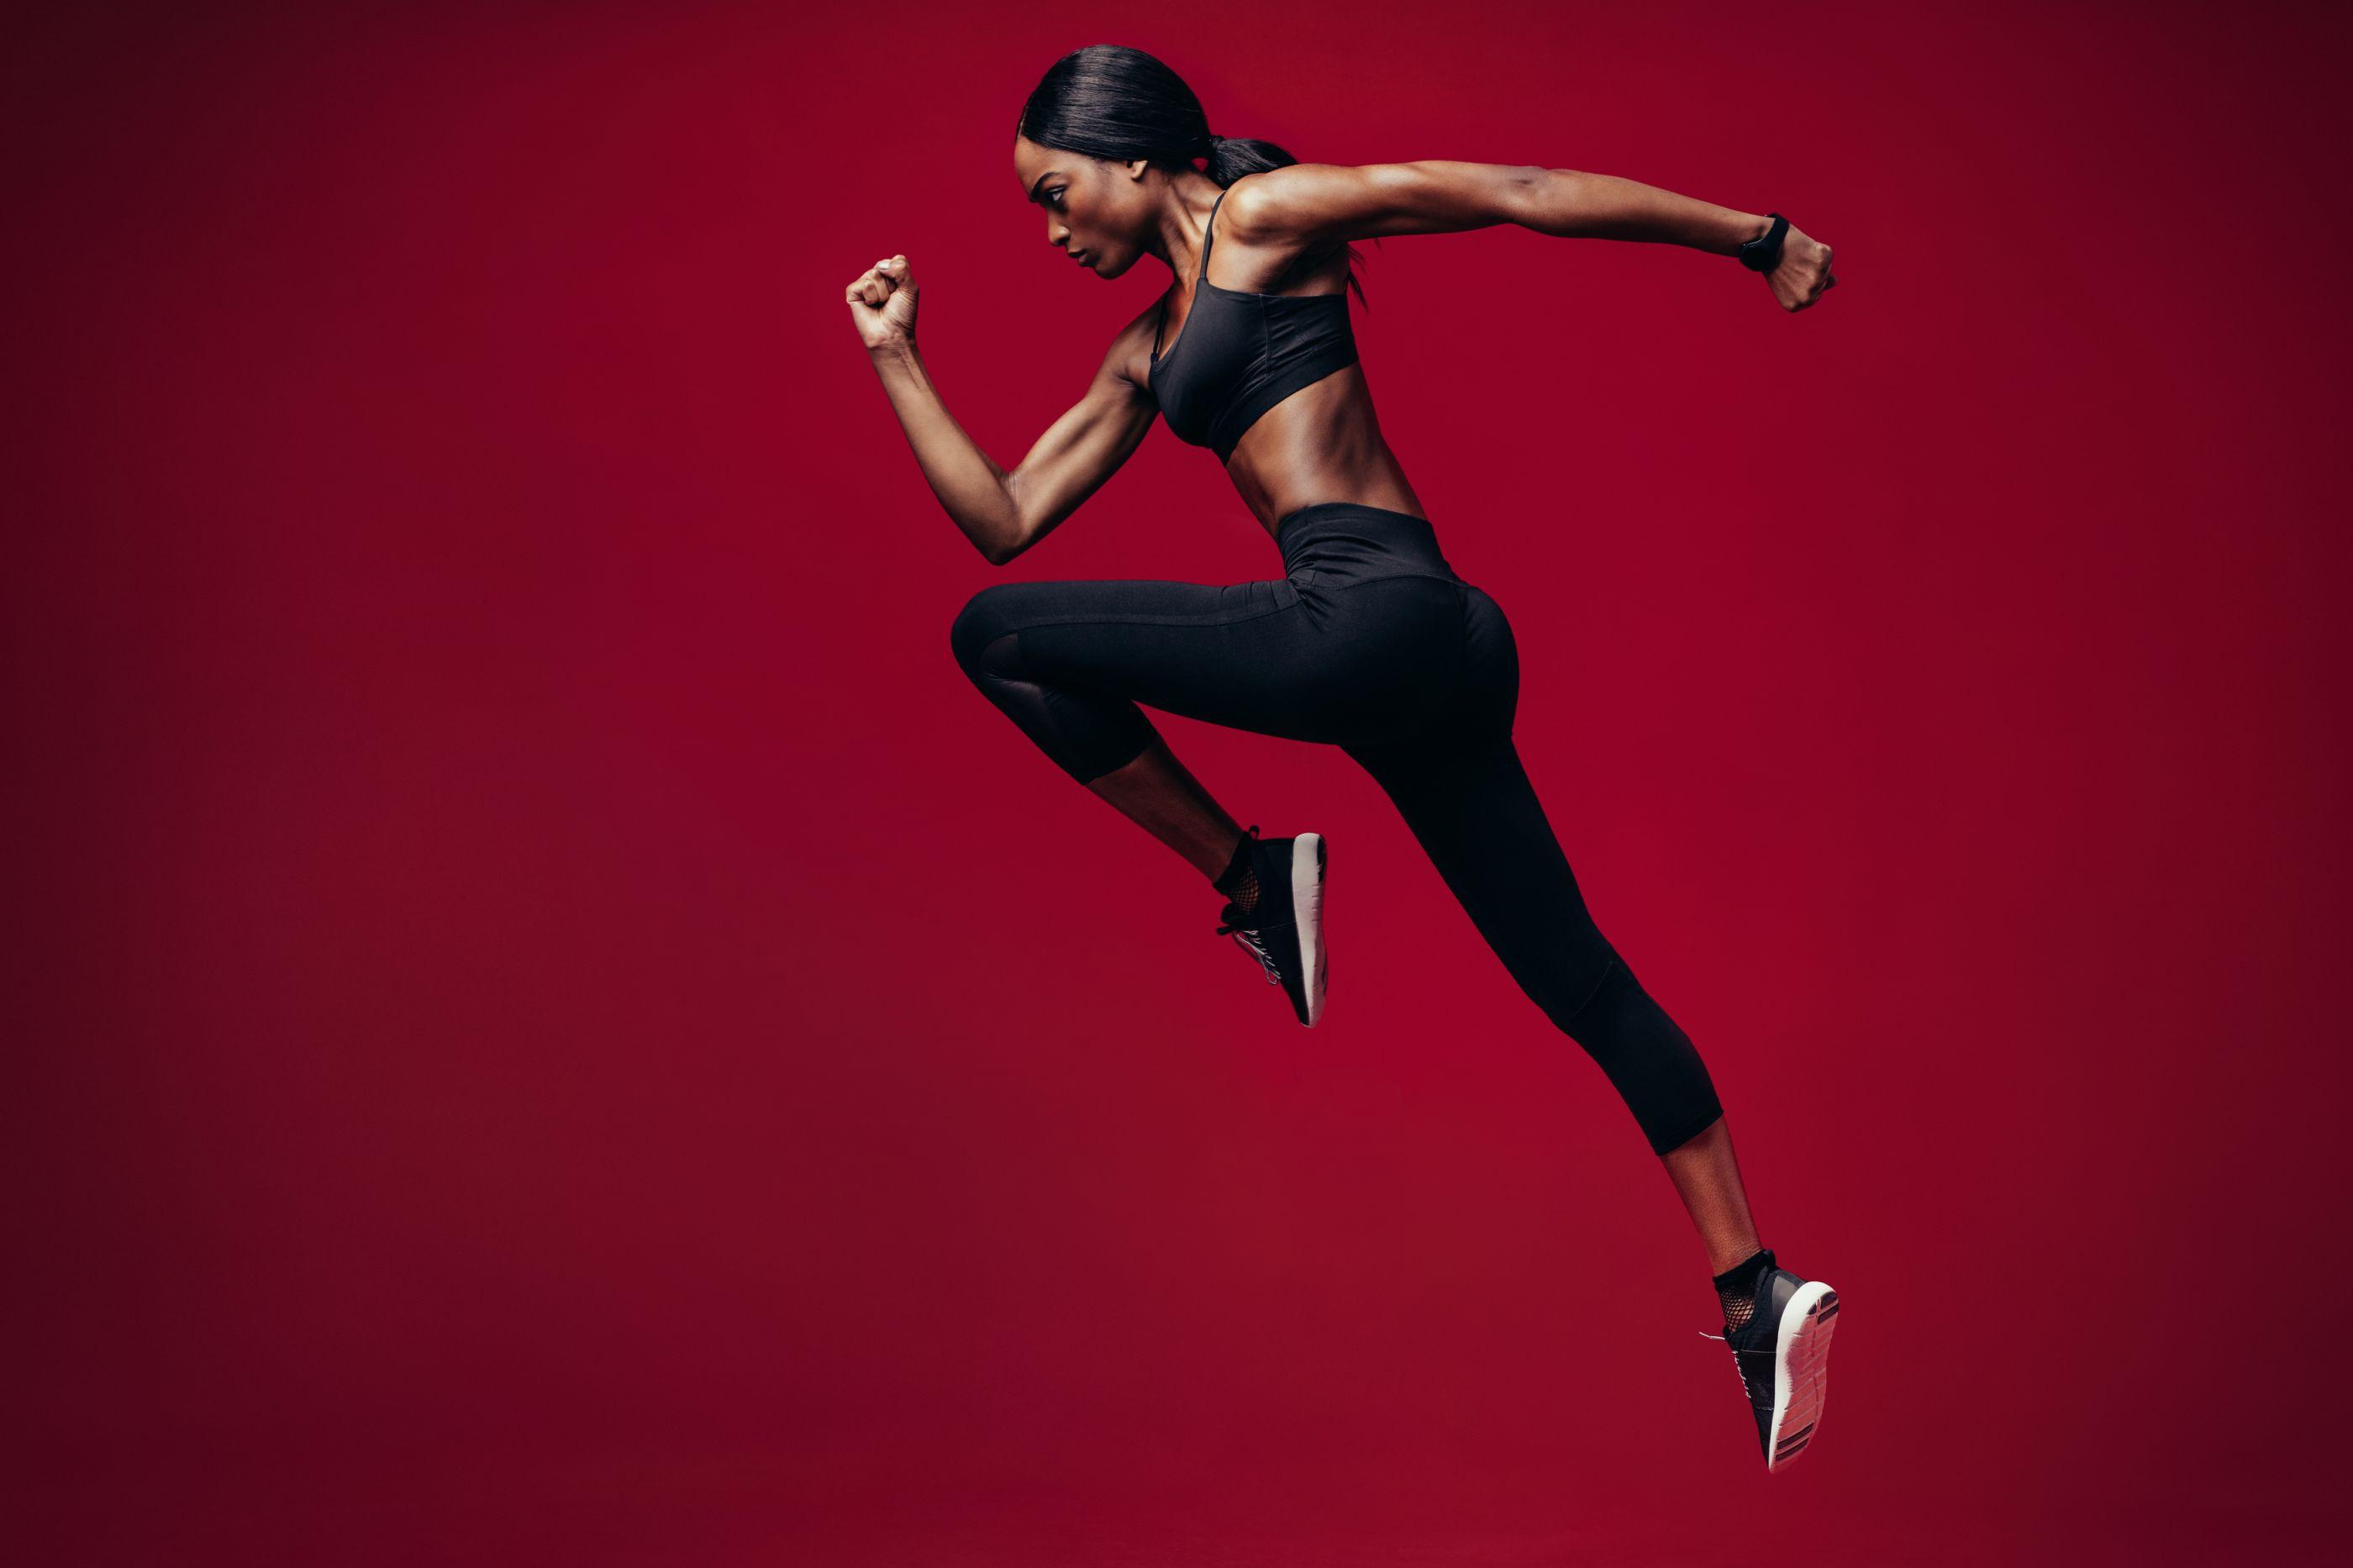 Desporto com estilo: Conheça os melhores ténis de running